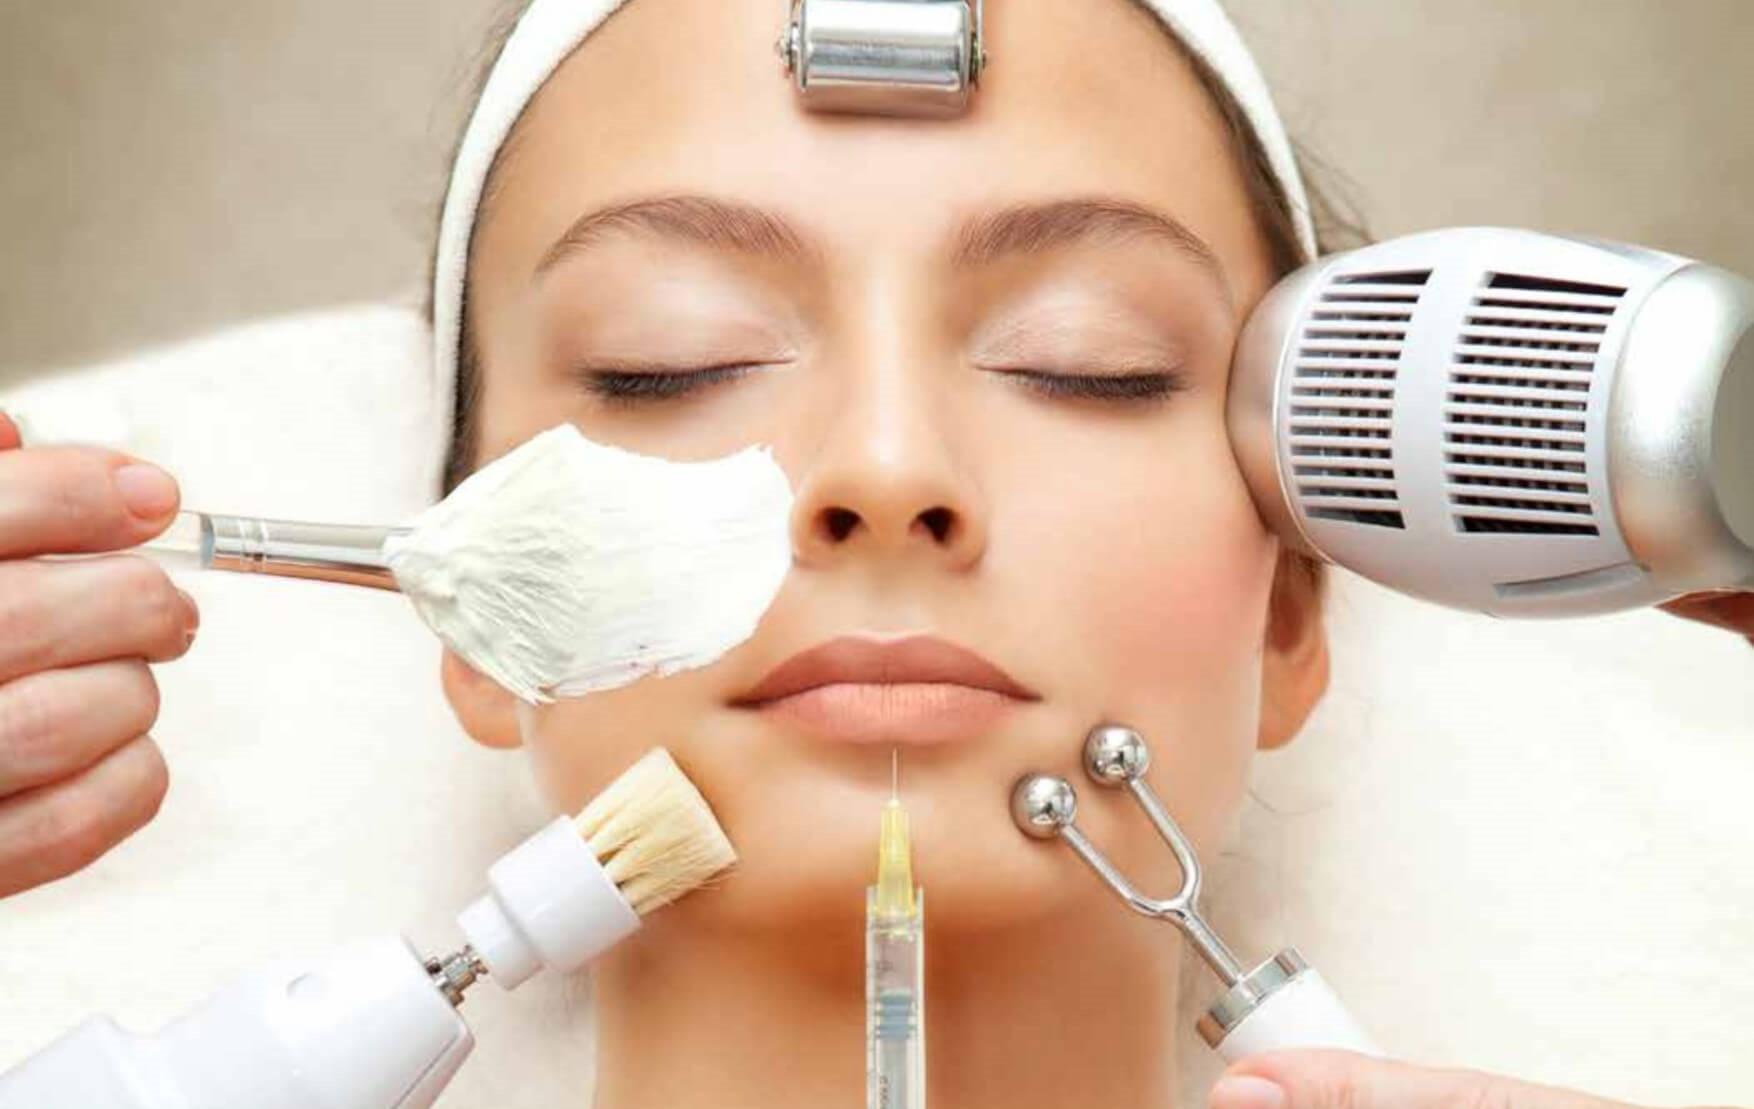 عوامل موثر در تیره شدن رنگ پوست و تاثیرات آن ها را بشناسید